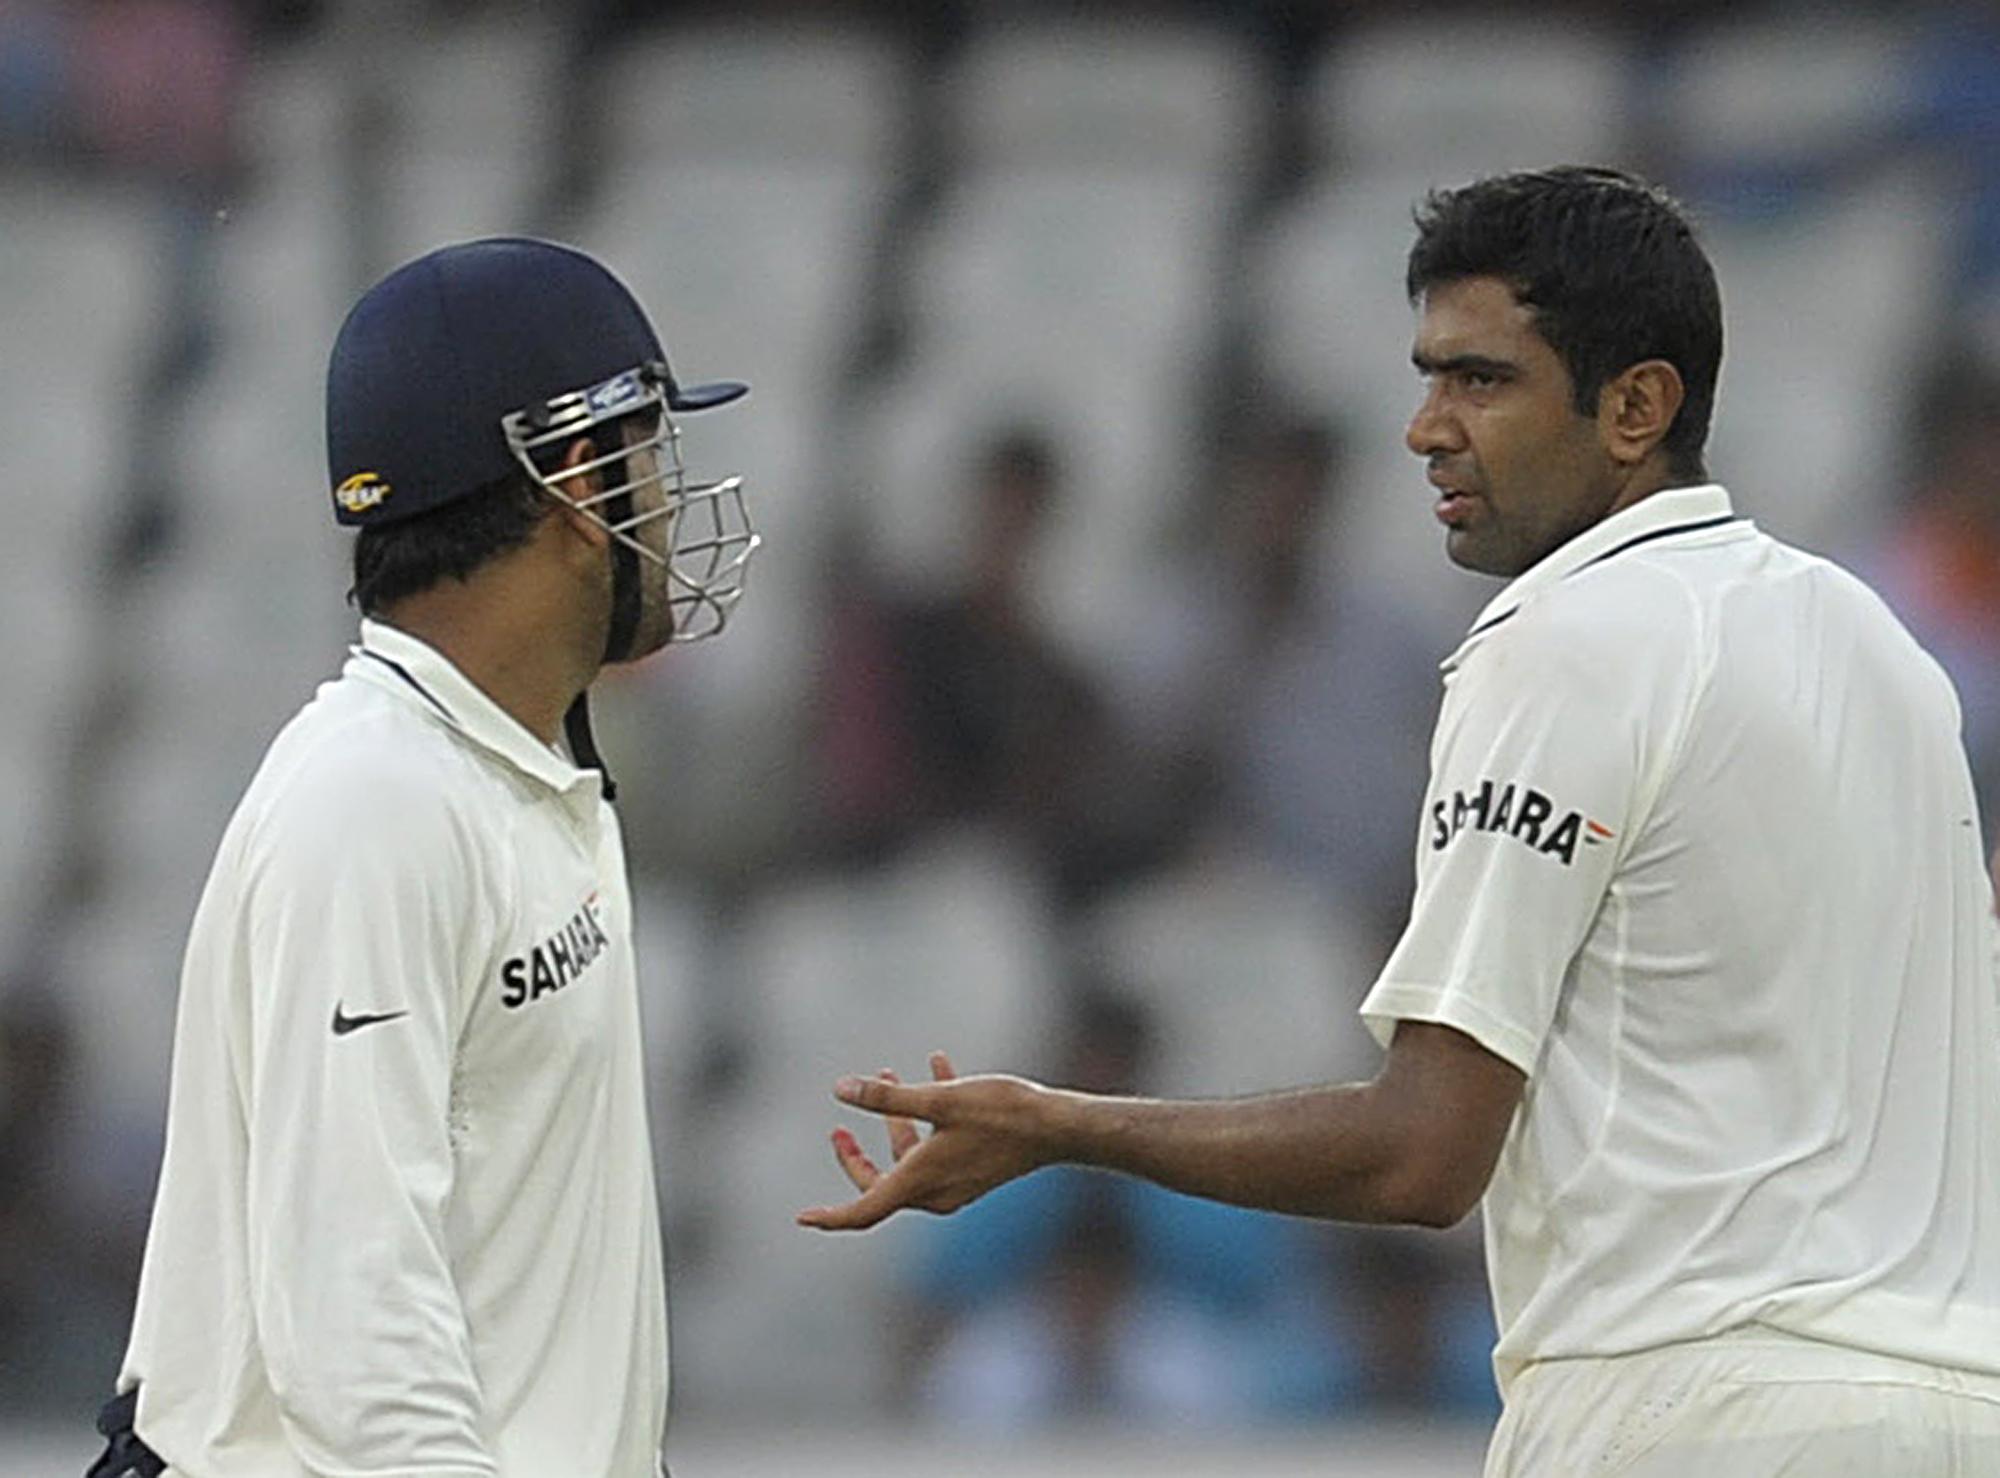 भारत की इंग्लैंड के खिलाफ ऐतिहासिक जीत के पीछे था महेंद्र सिंह धोनी का हाथ?